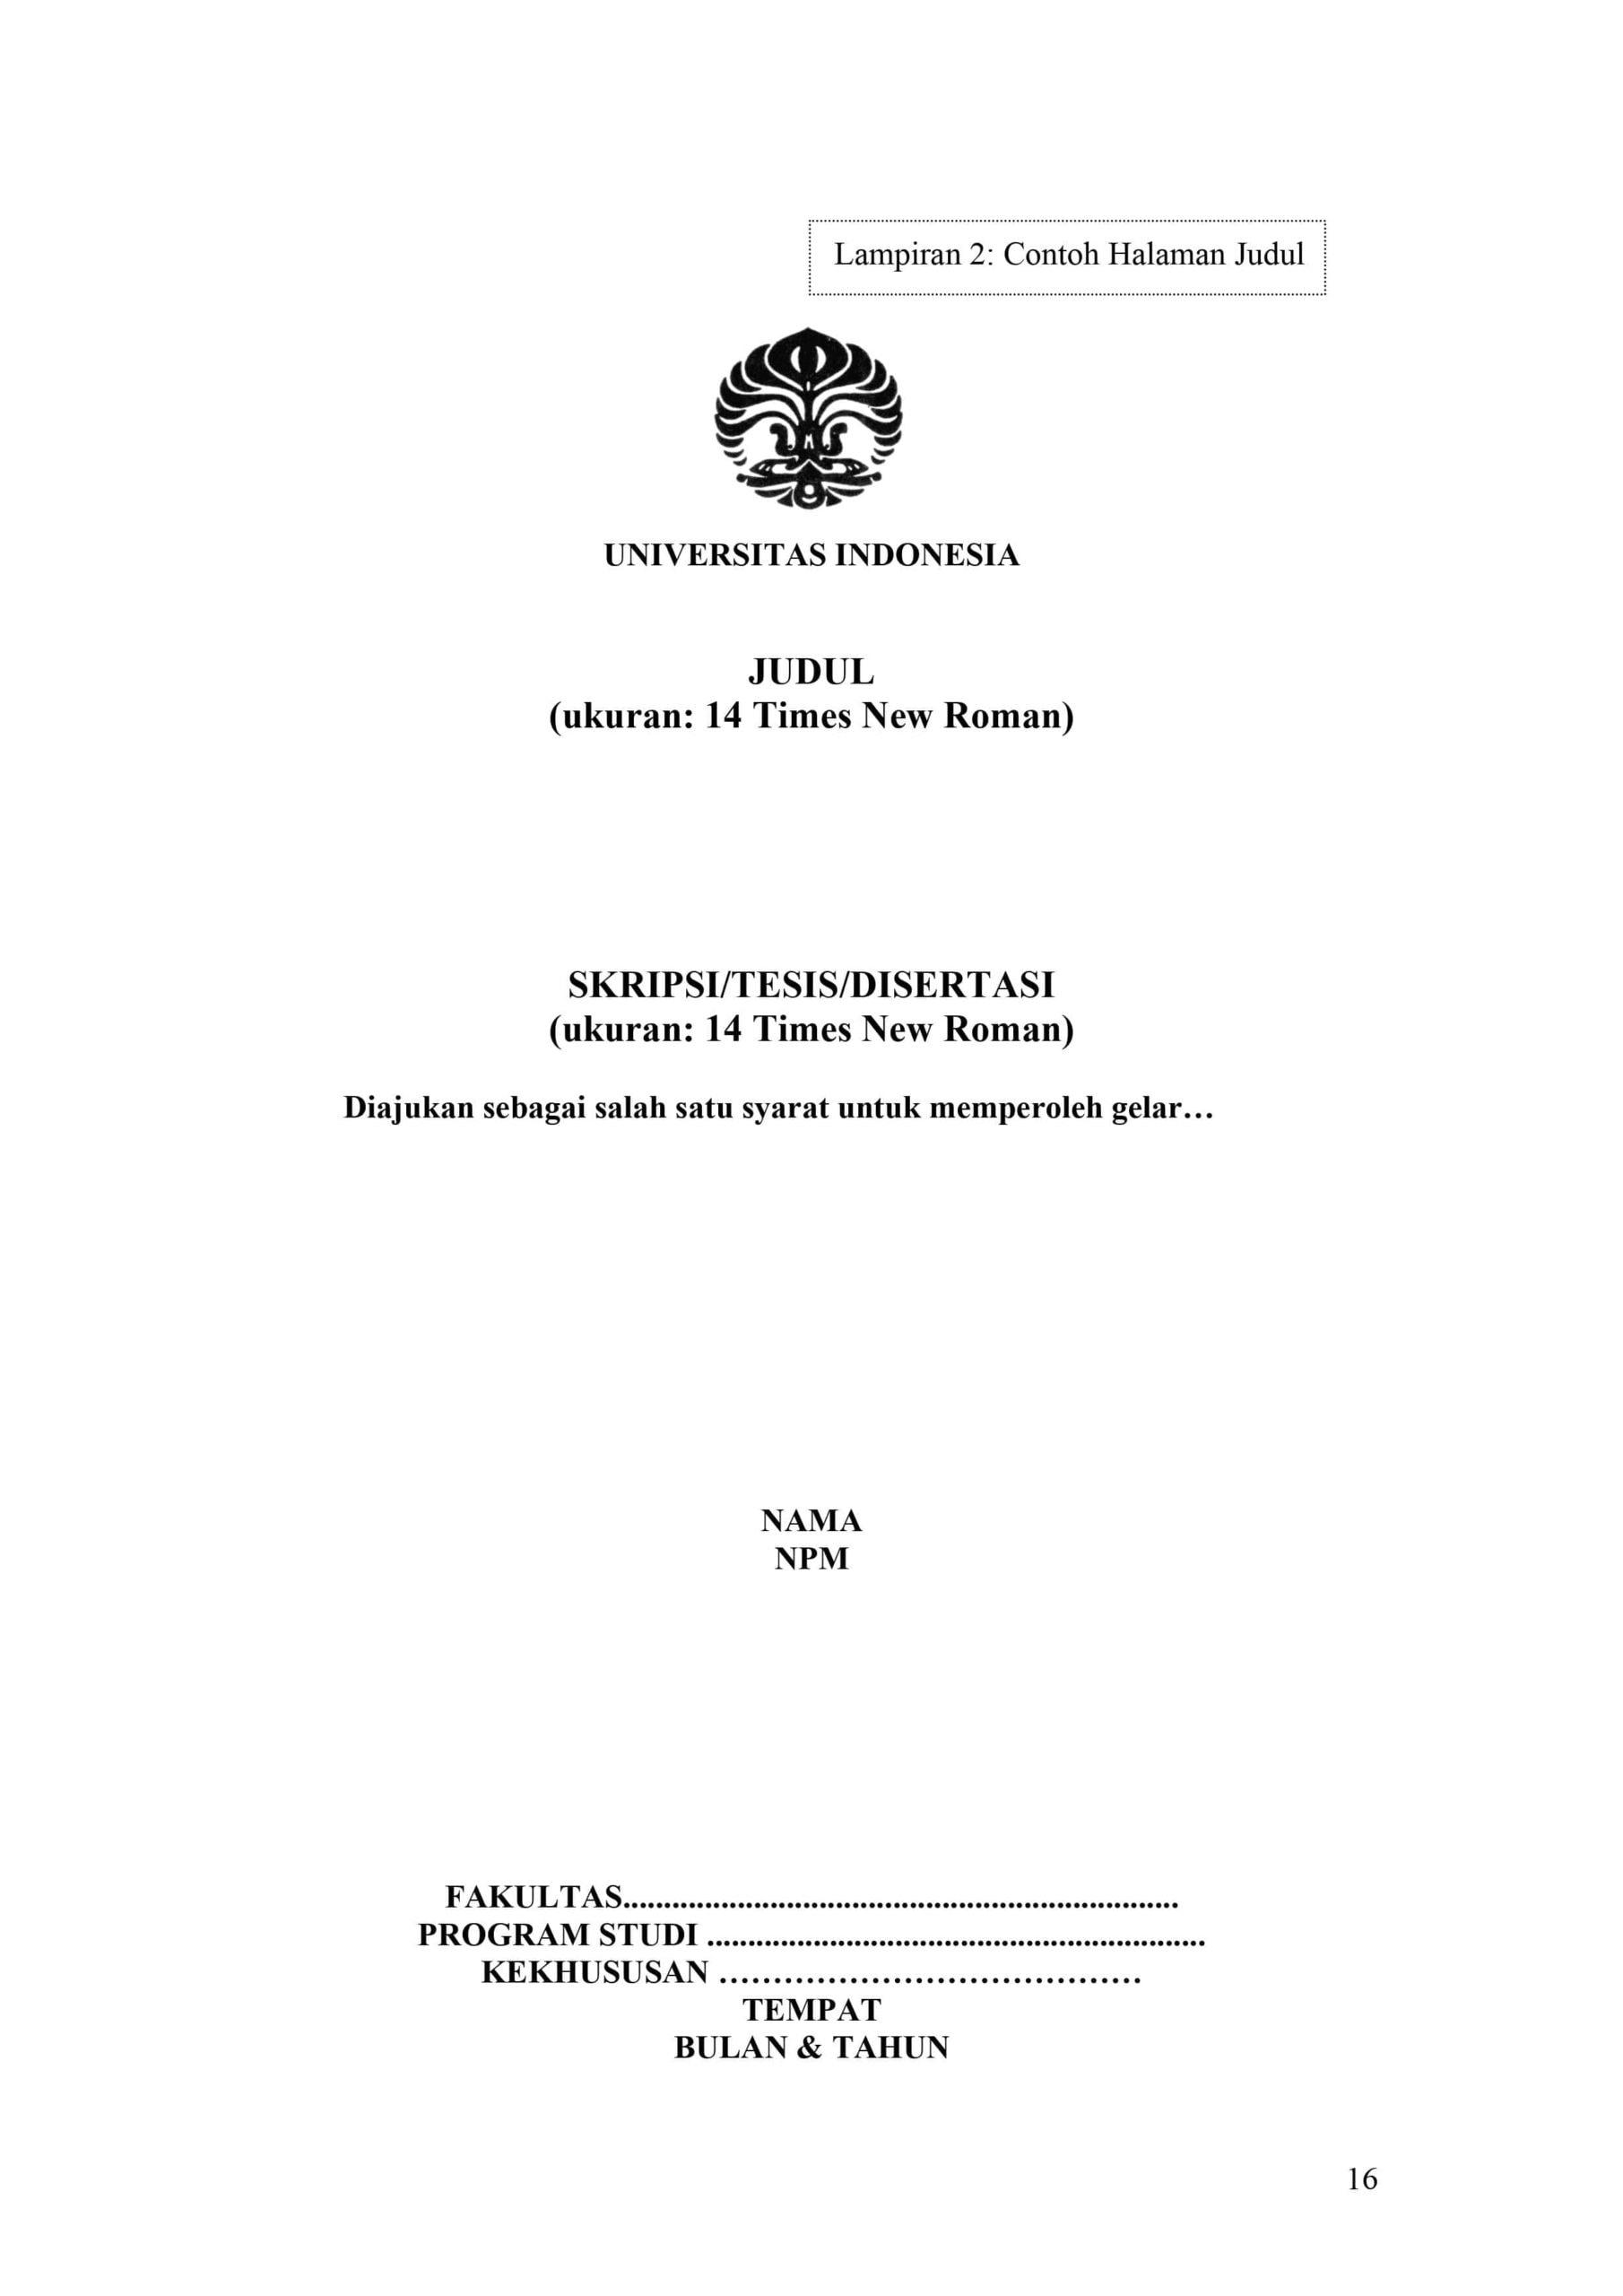 contoh cover makalah kuliah